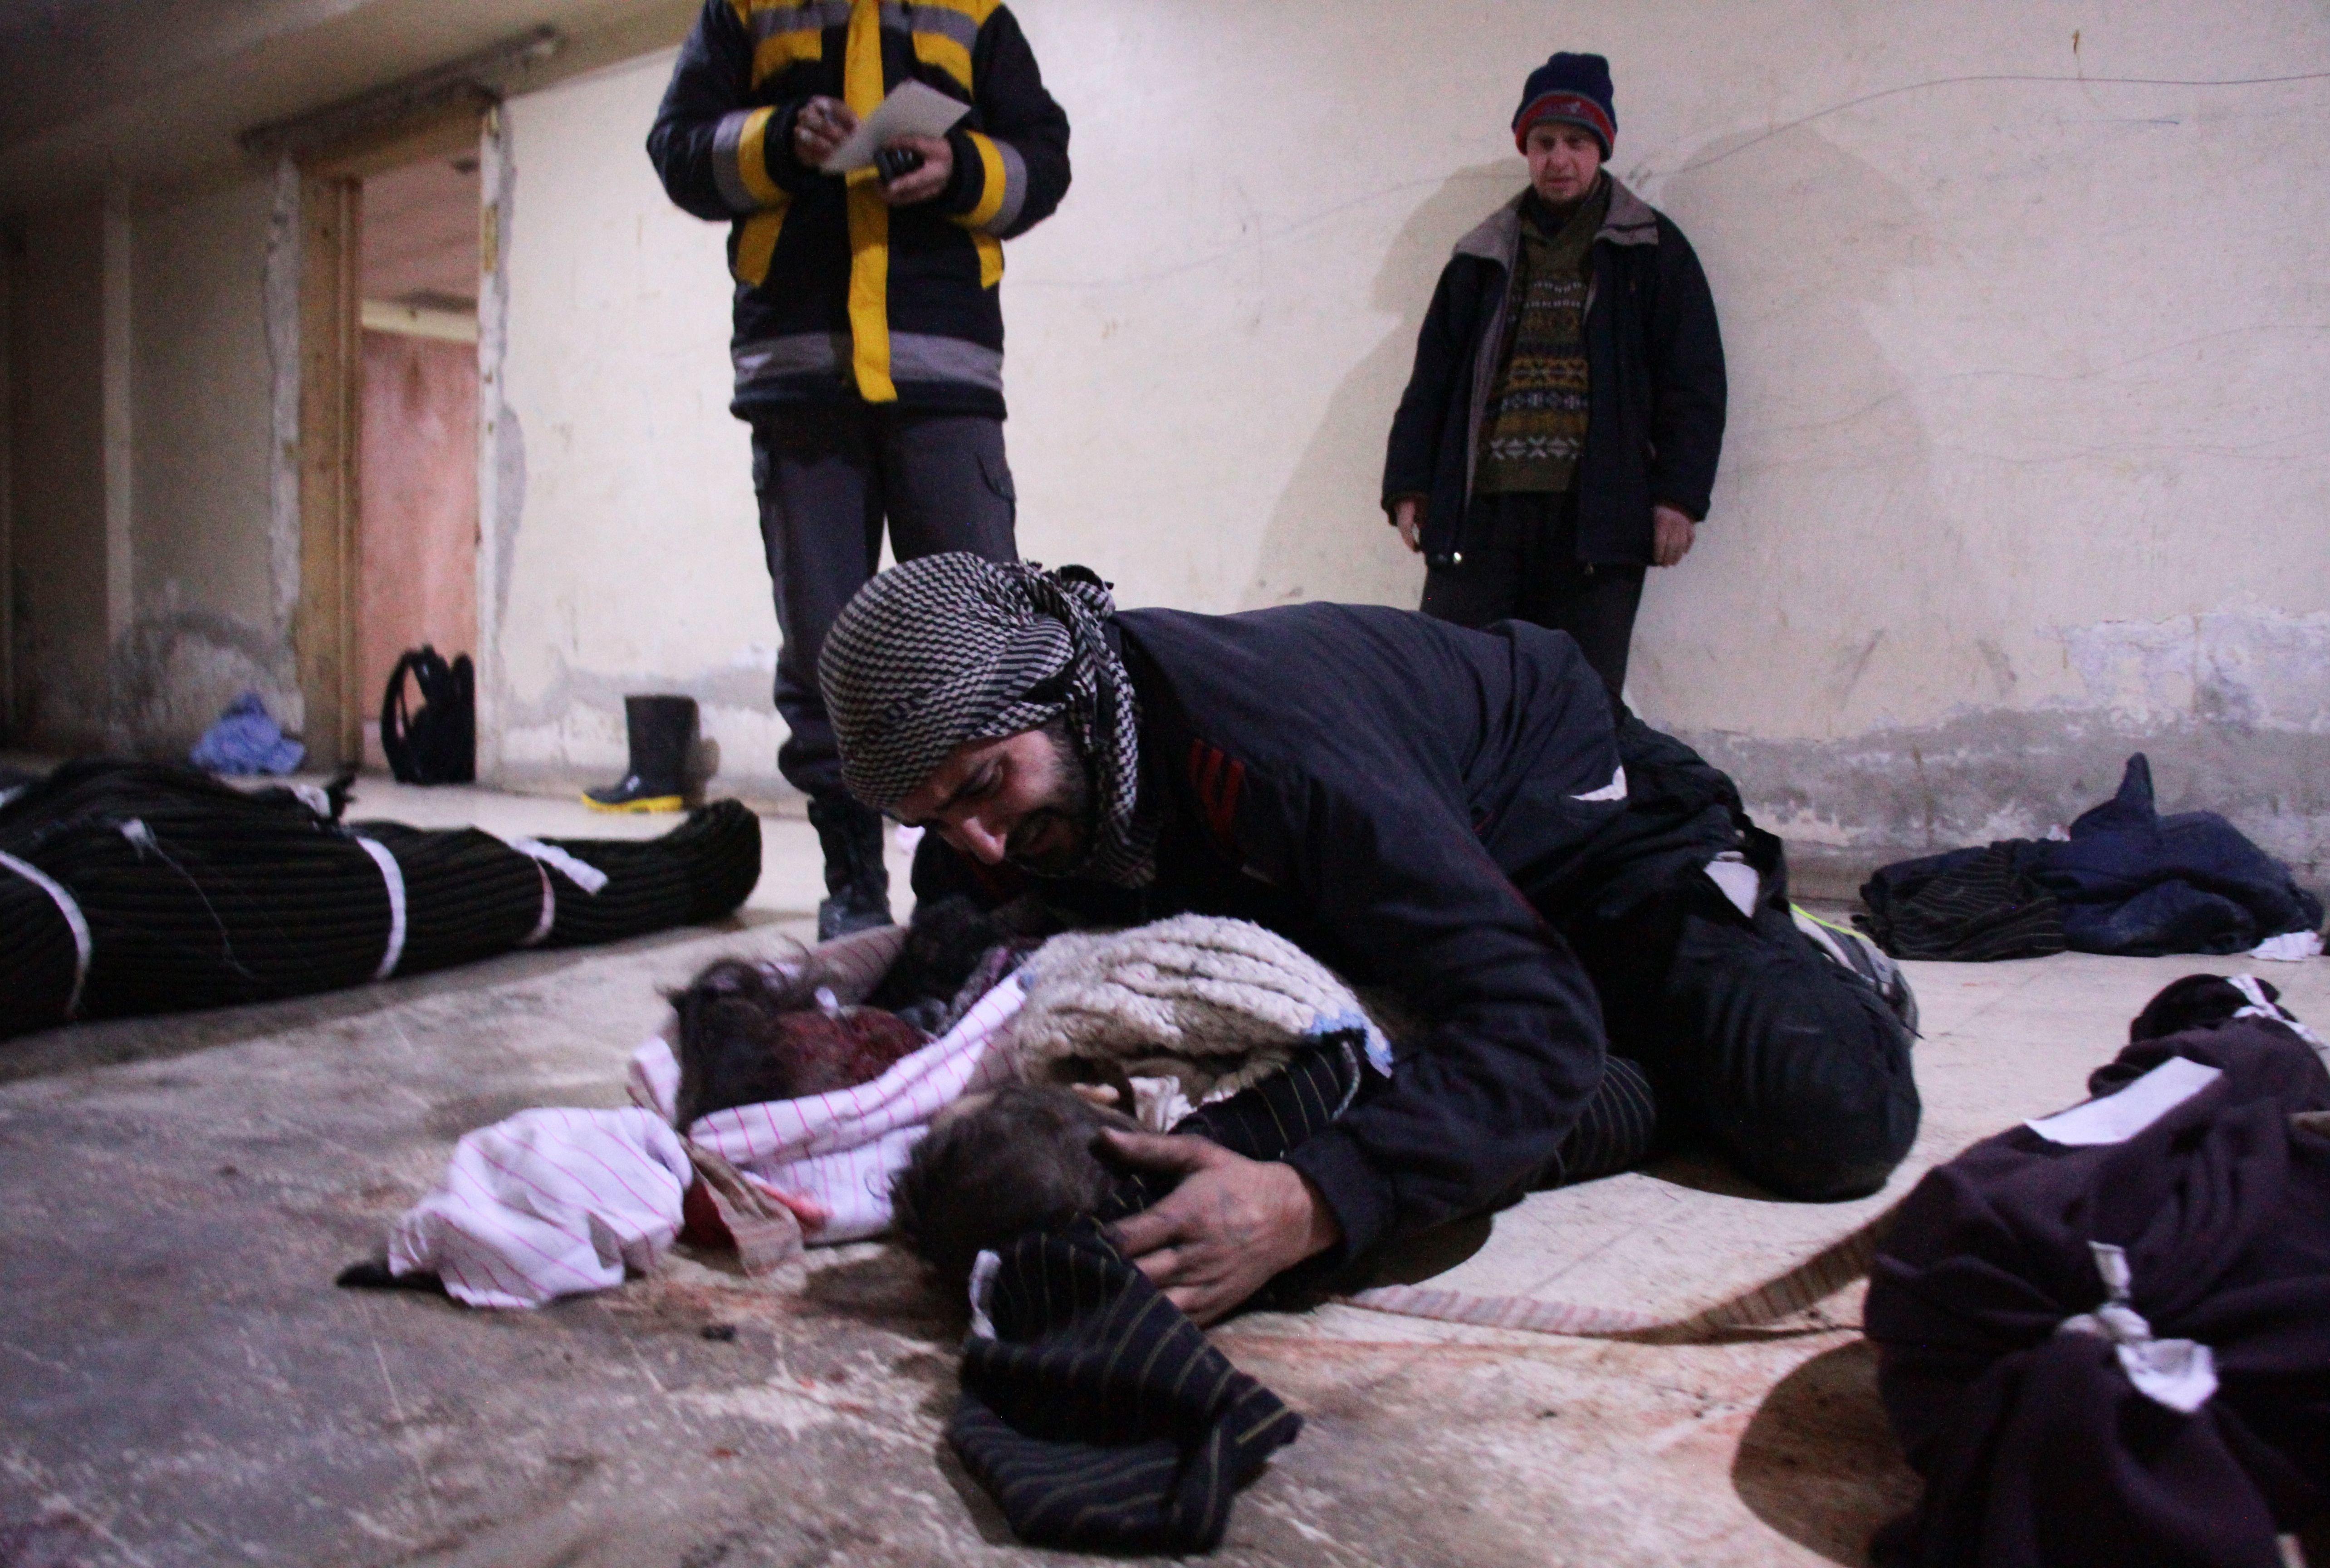 Εκατόμβη νεκρών αμάχων στην Γούτα. Για τρίτη μέρα βομβαρδίζει ο Άσαντ παρά την κατάπαυση